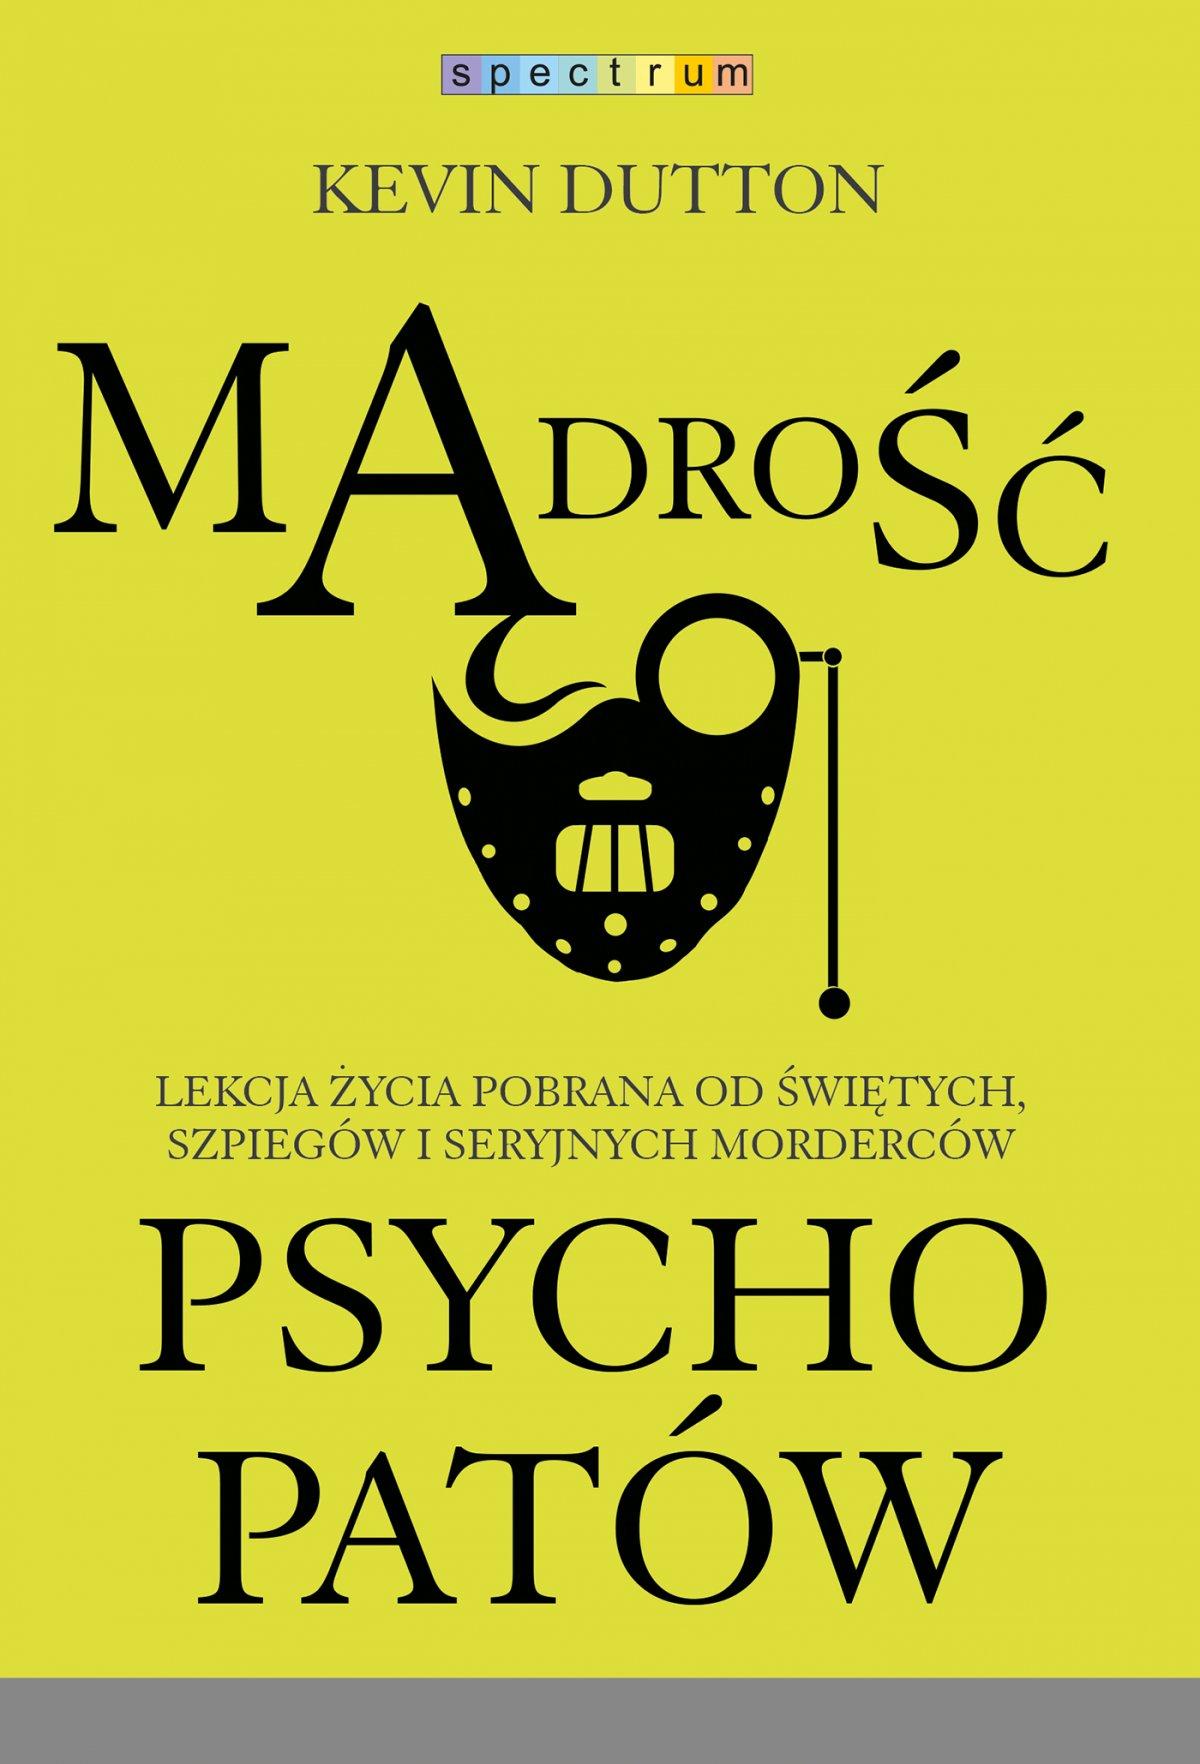 Mądrość psychopatów - Ebook (Książka na Kindle) do pobrania w formacie MOBI